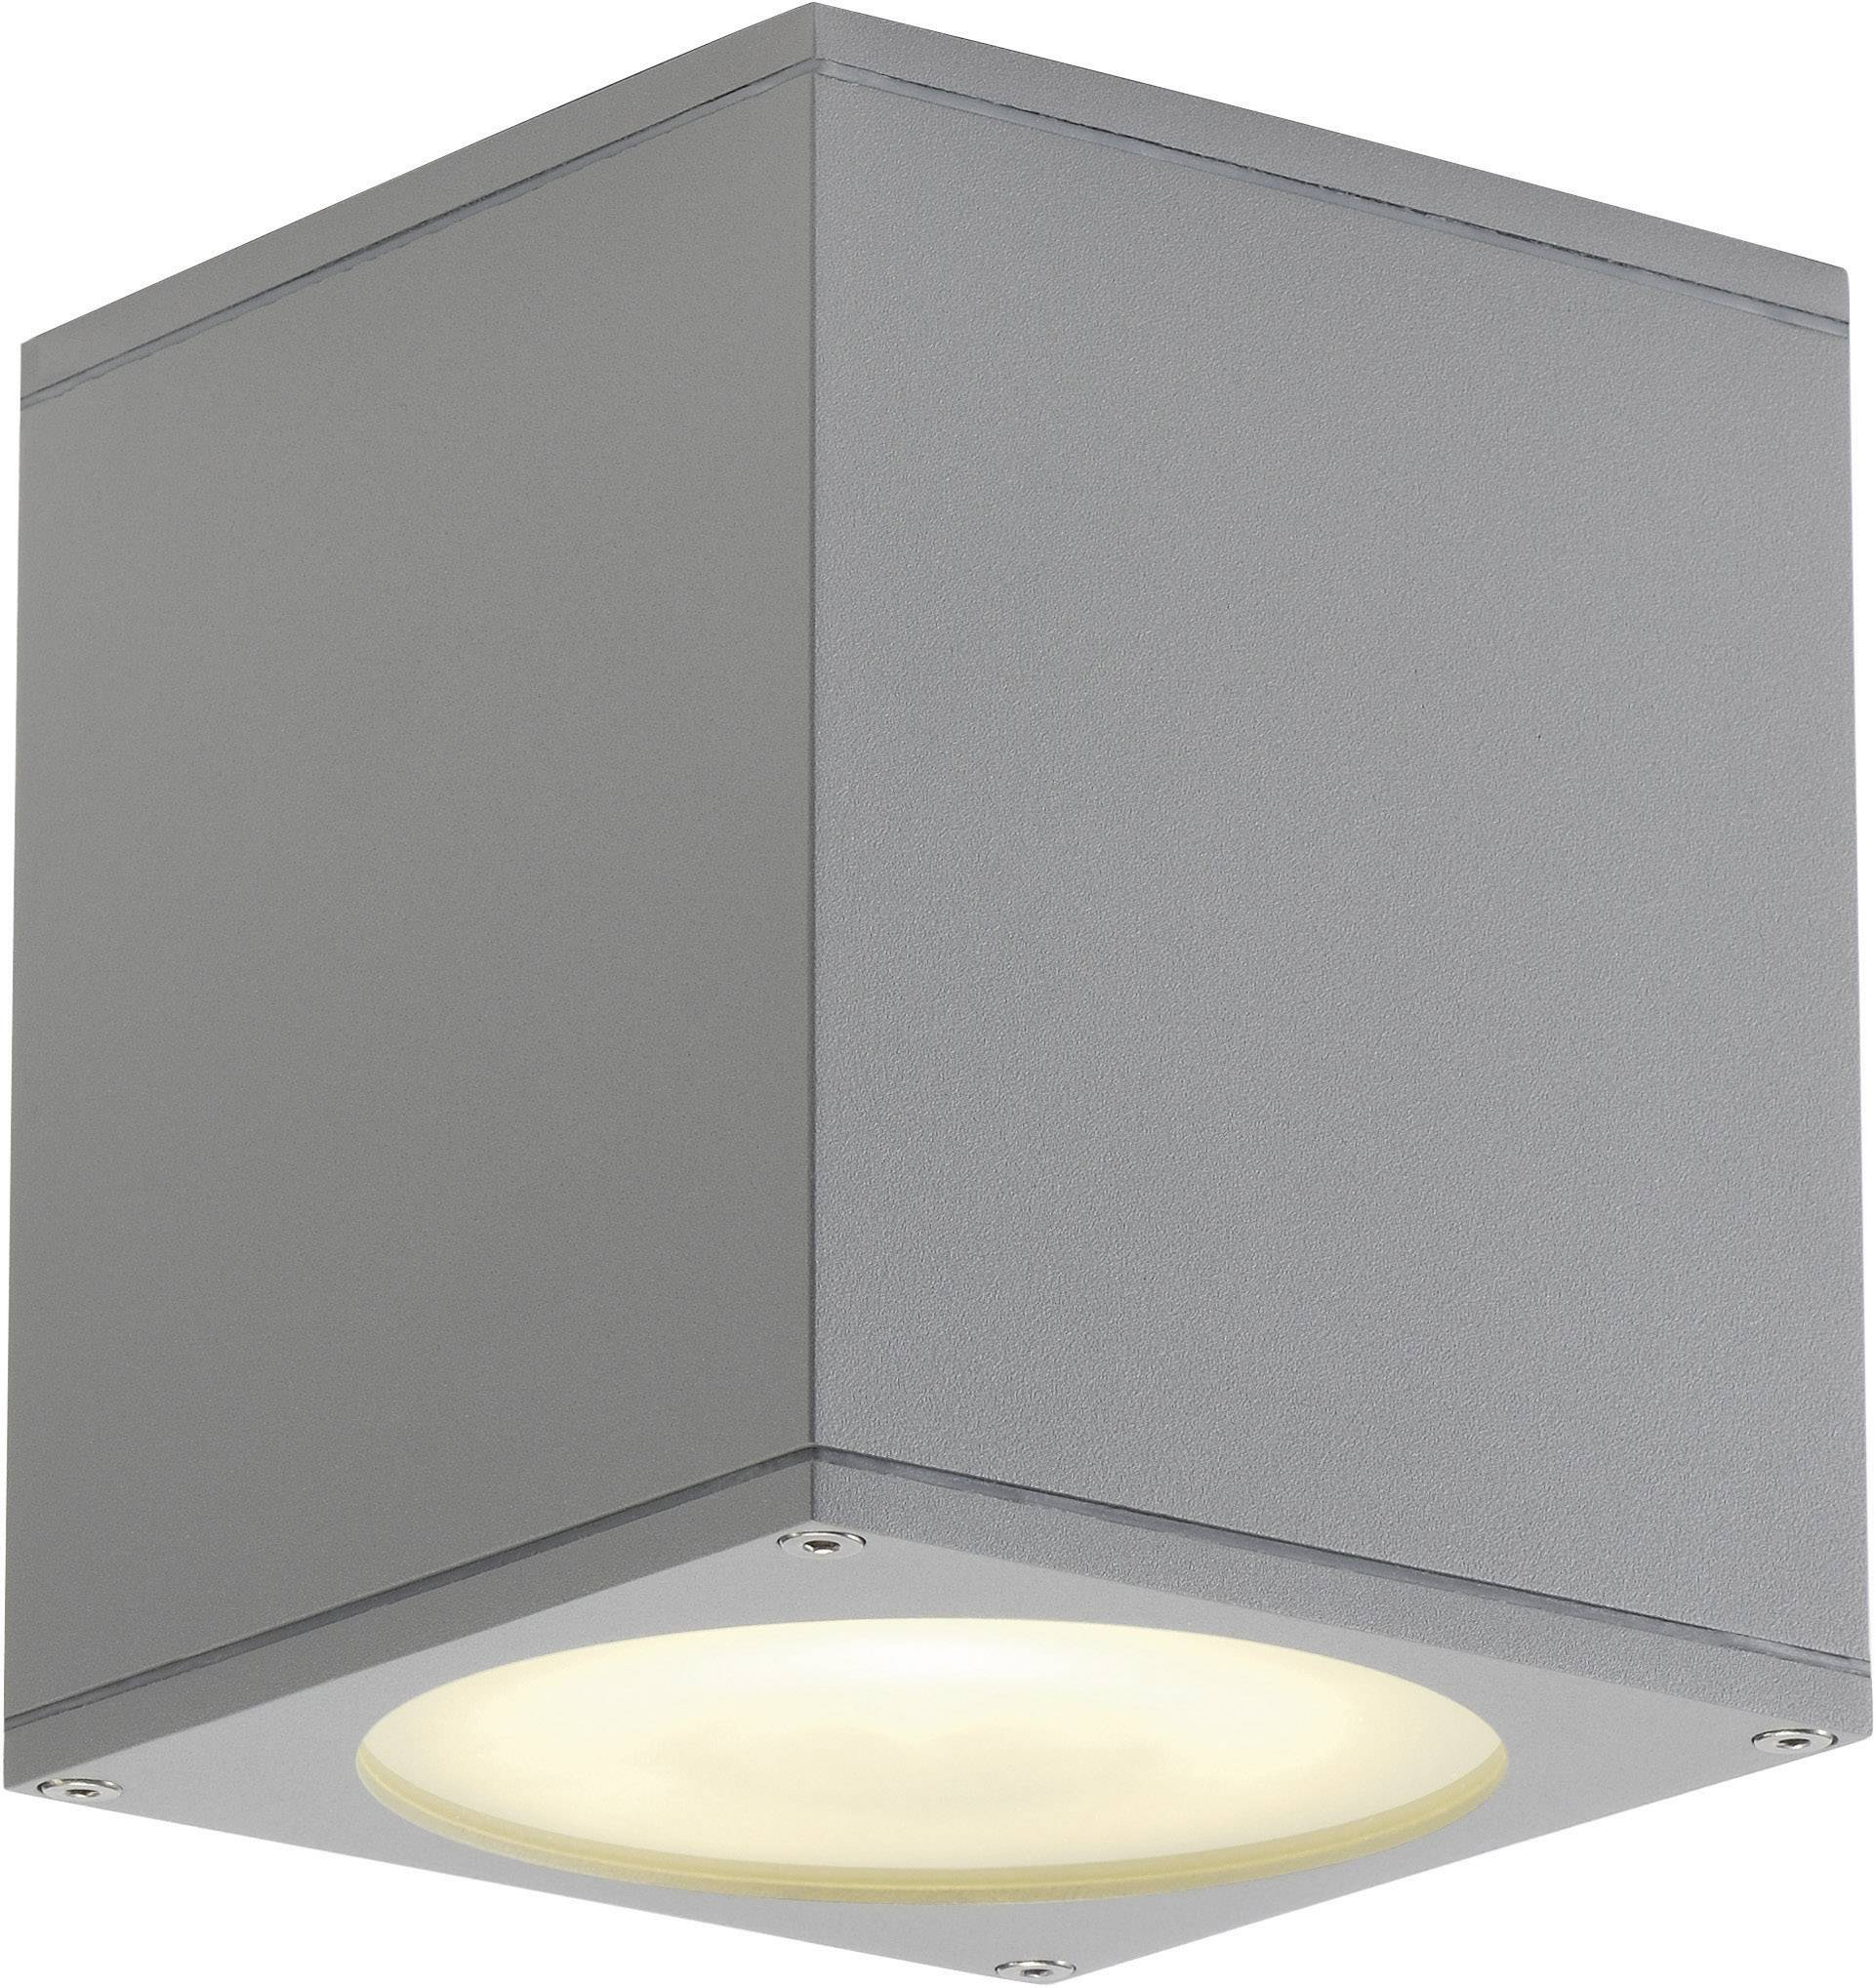 Venkovní stropní osvětlení halogenová žárovka, LED GU10 75 W SLV Big Theo 229554 stříbrnošedá